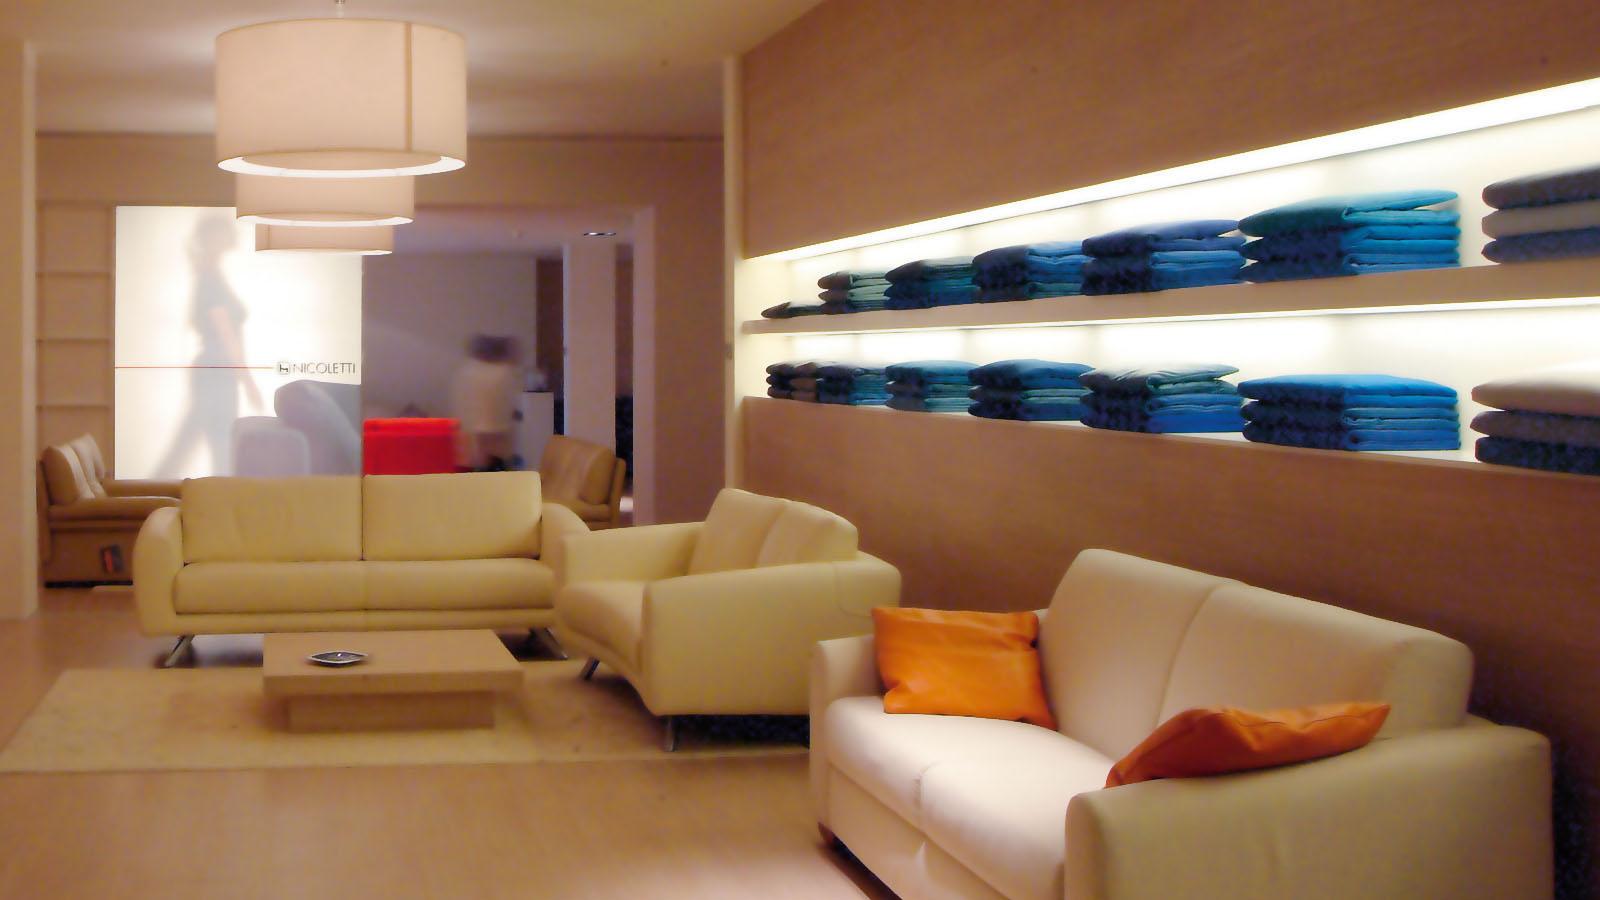 nicoletti-showroom-esposizione